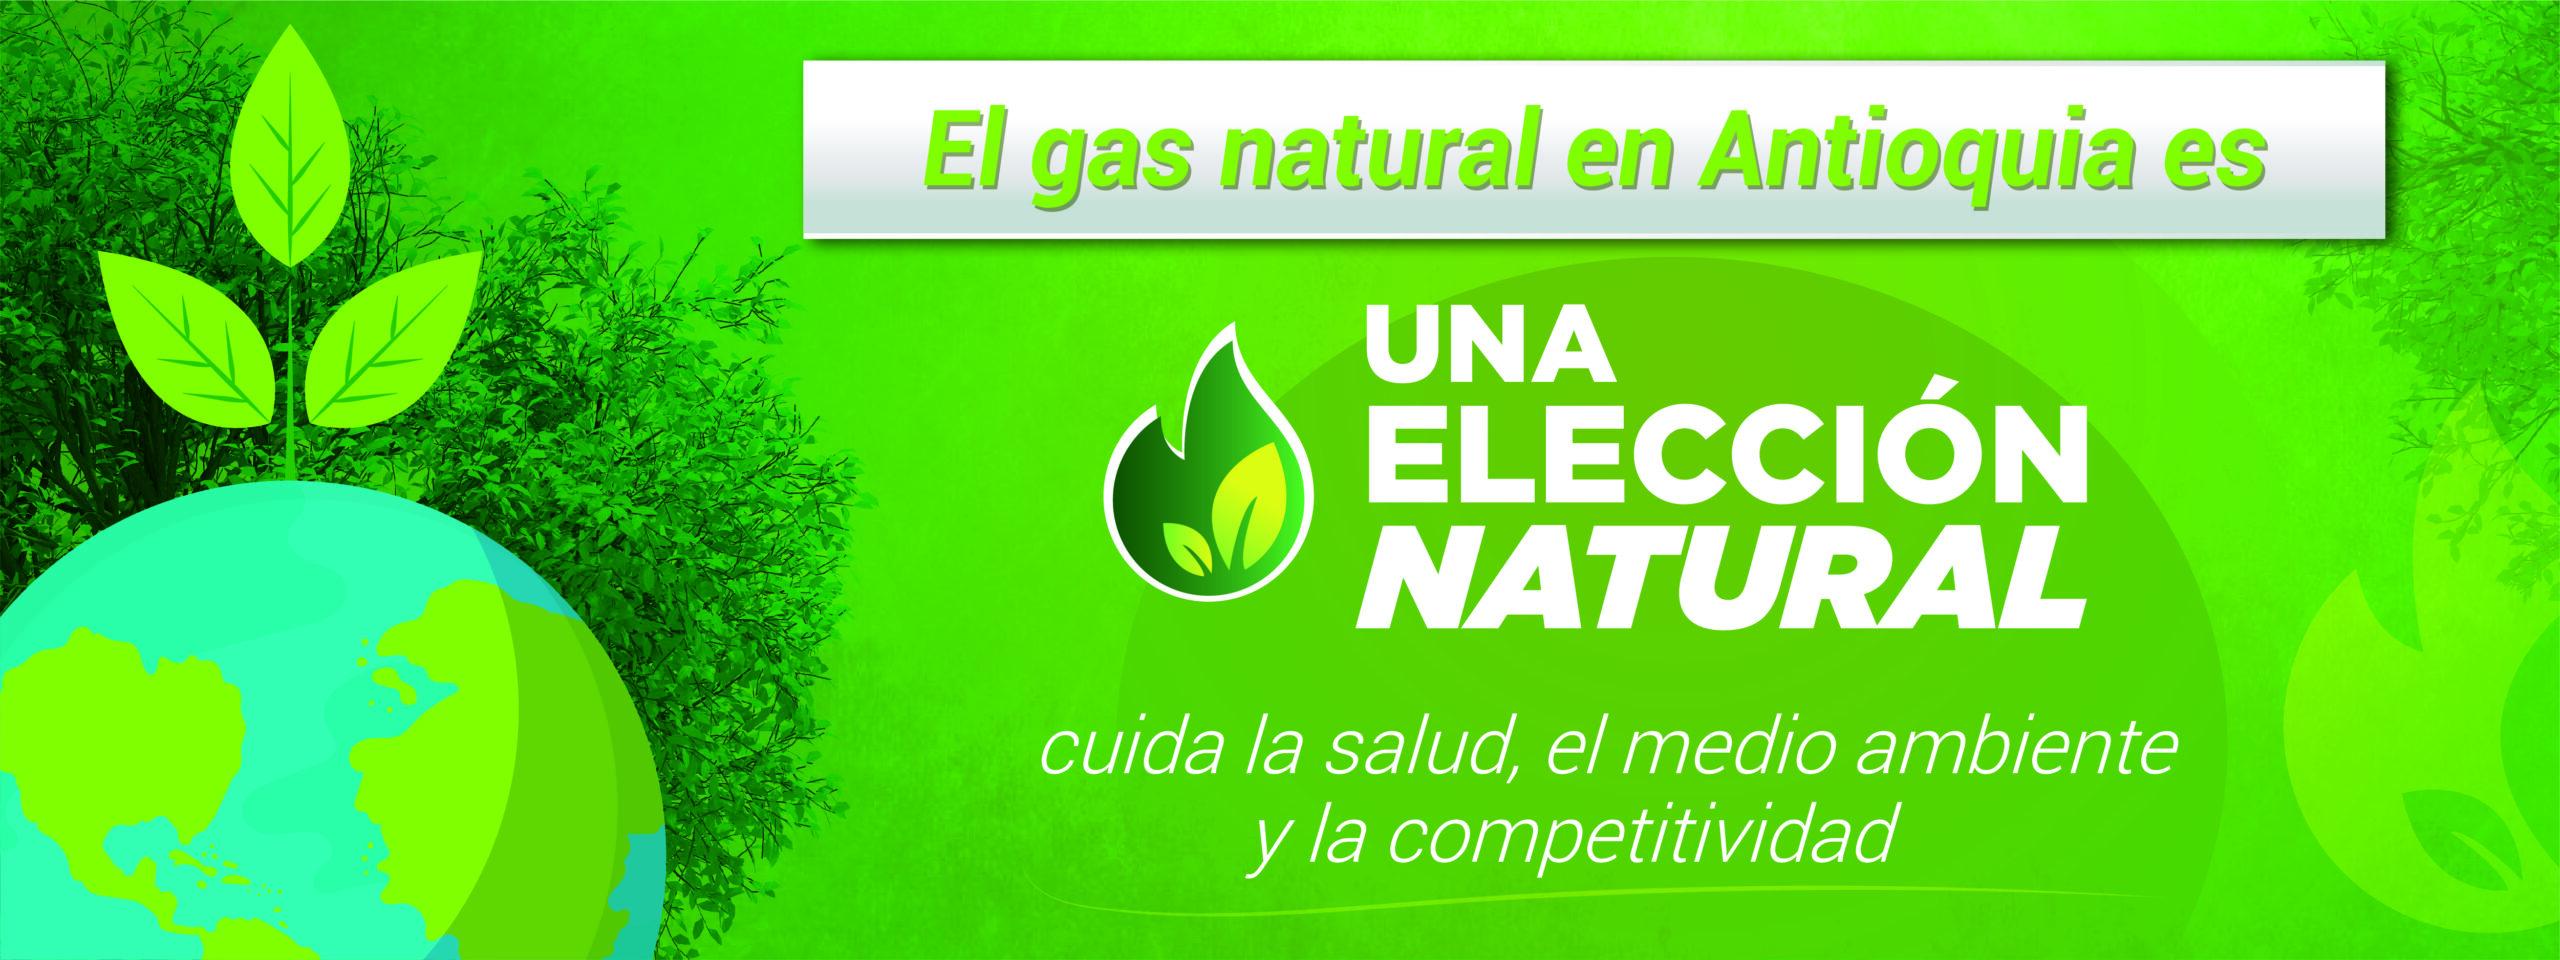 El Gas Natural en Antioquia es una elección natural